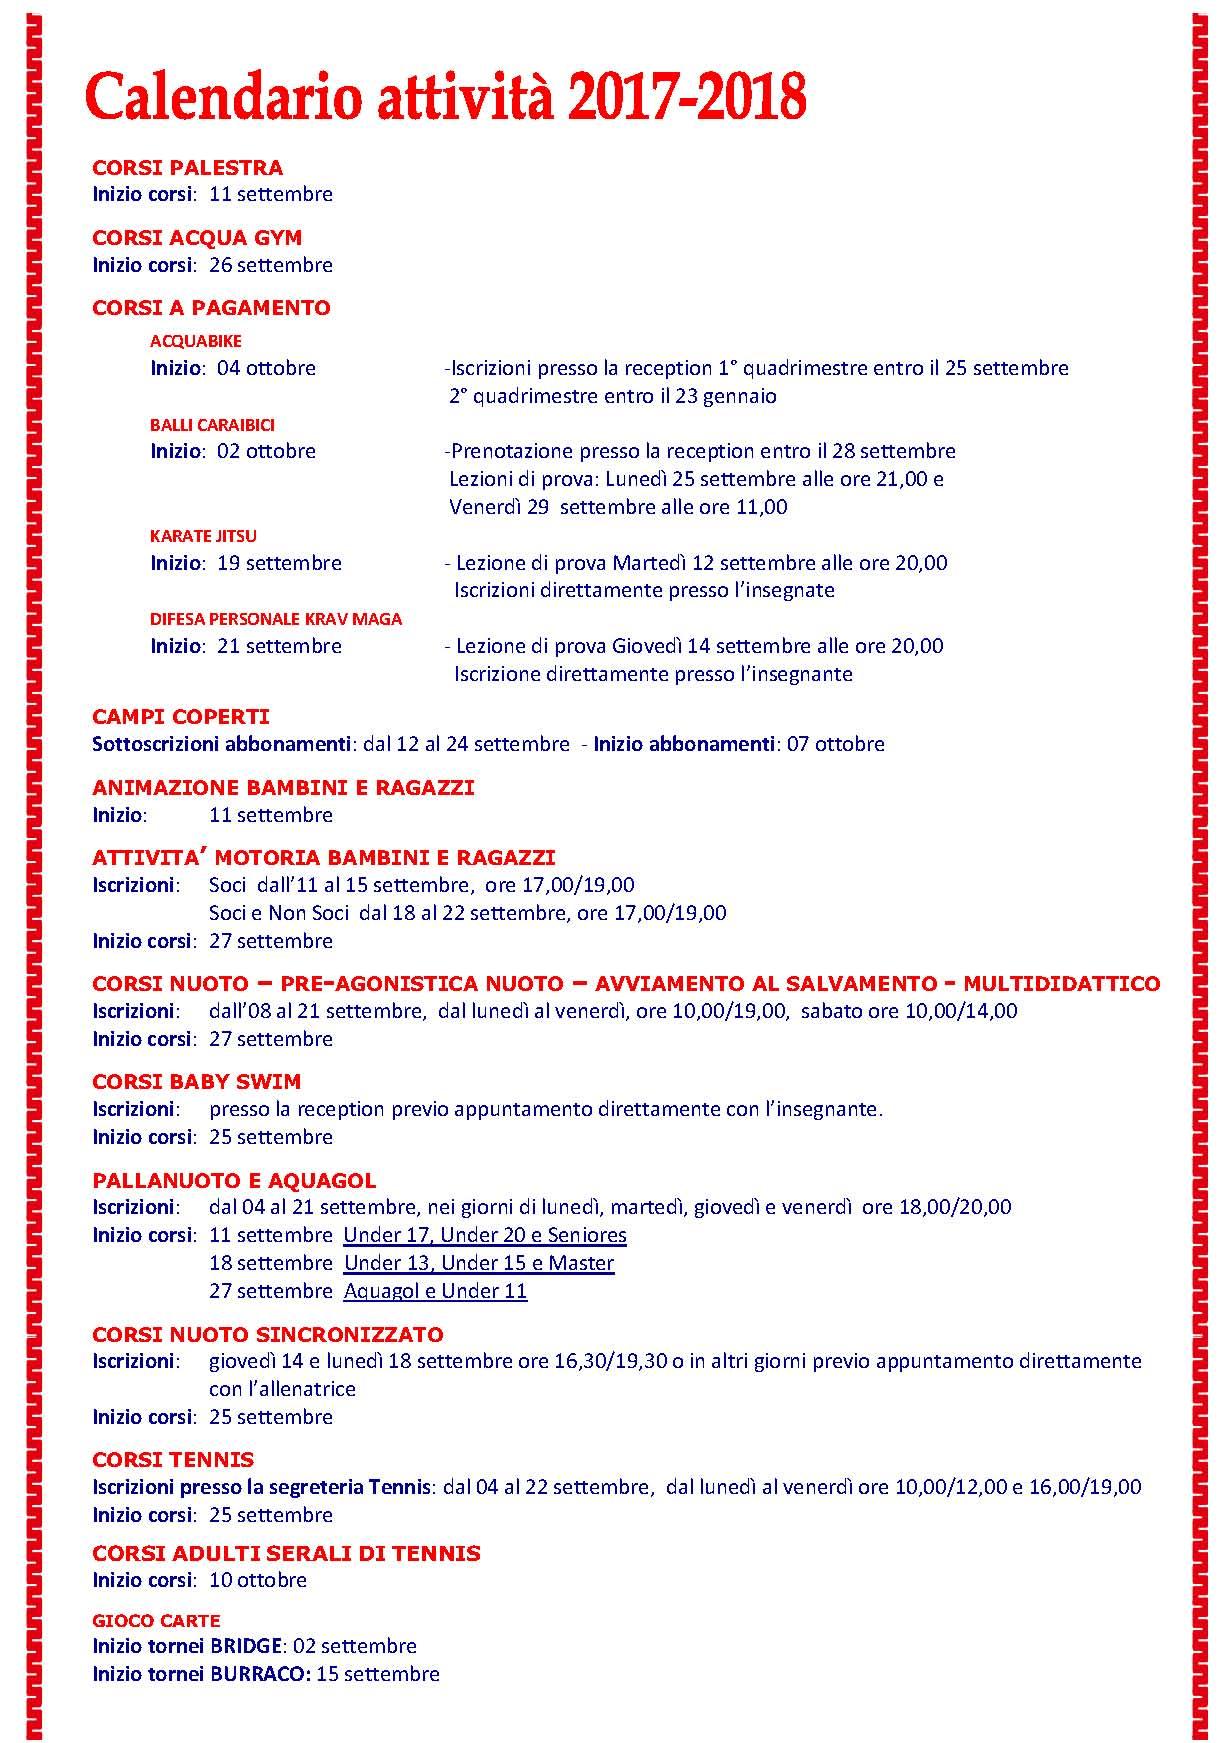 Sporting club milano 2 calendario attivit 2017 2018 for Calendario eventi milano 2017